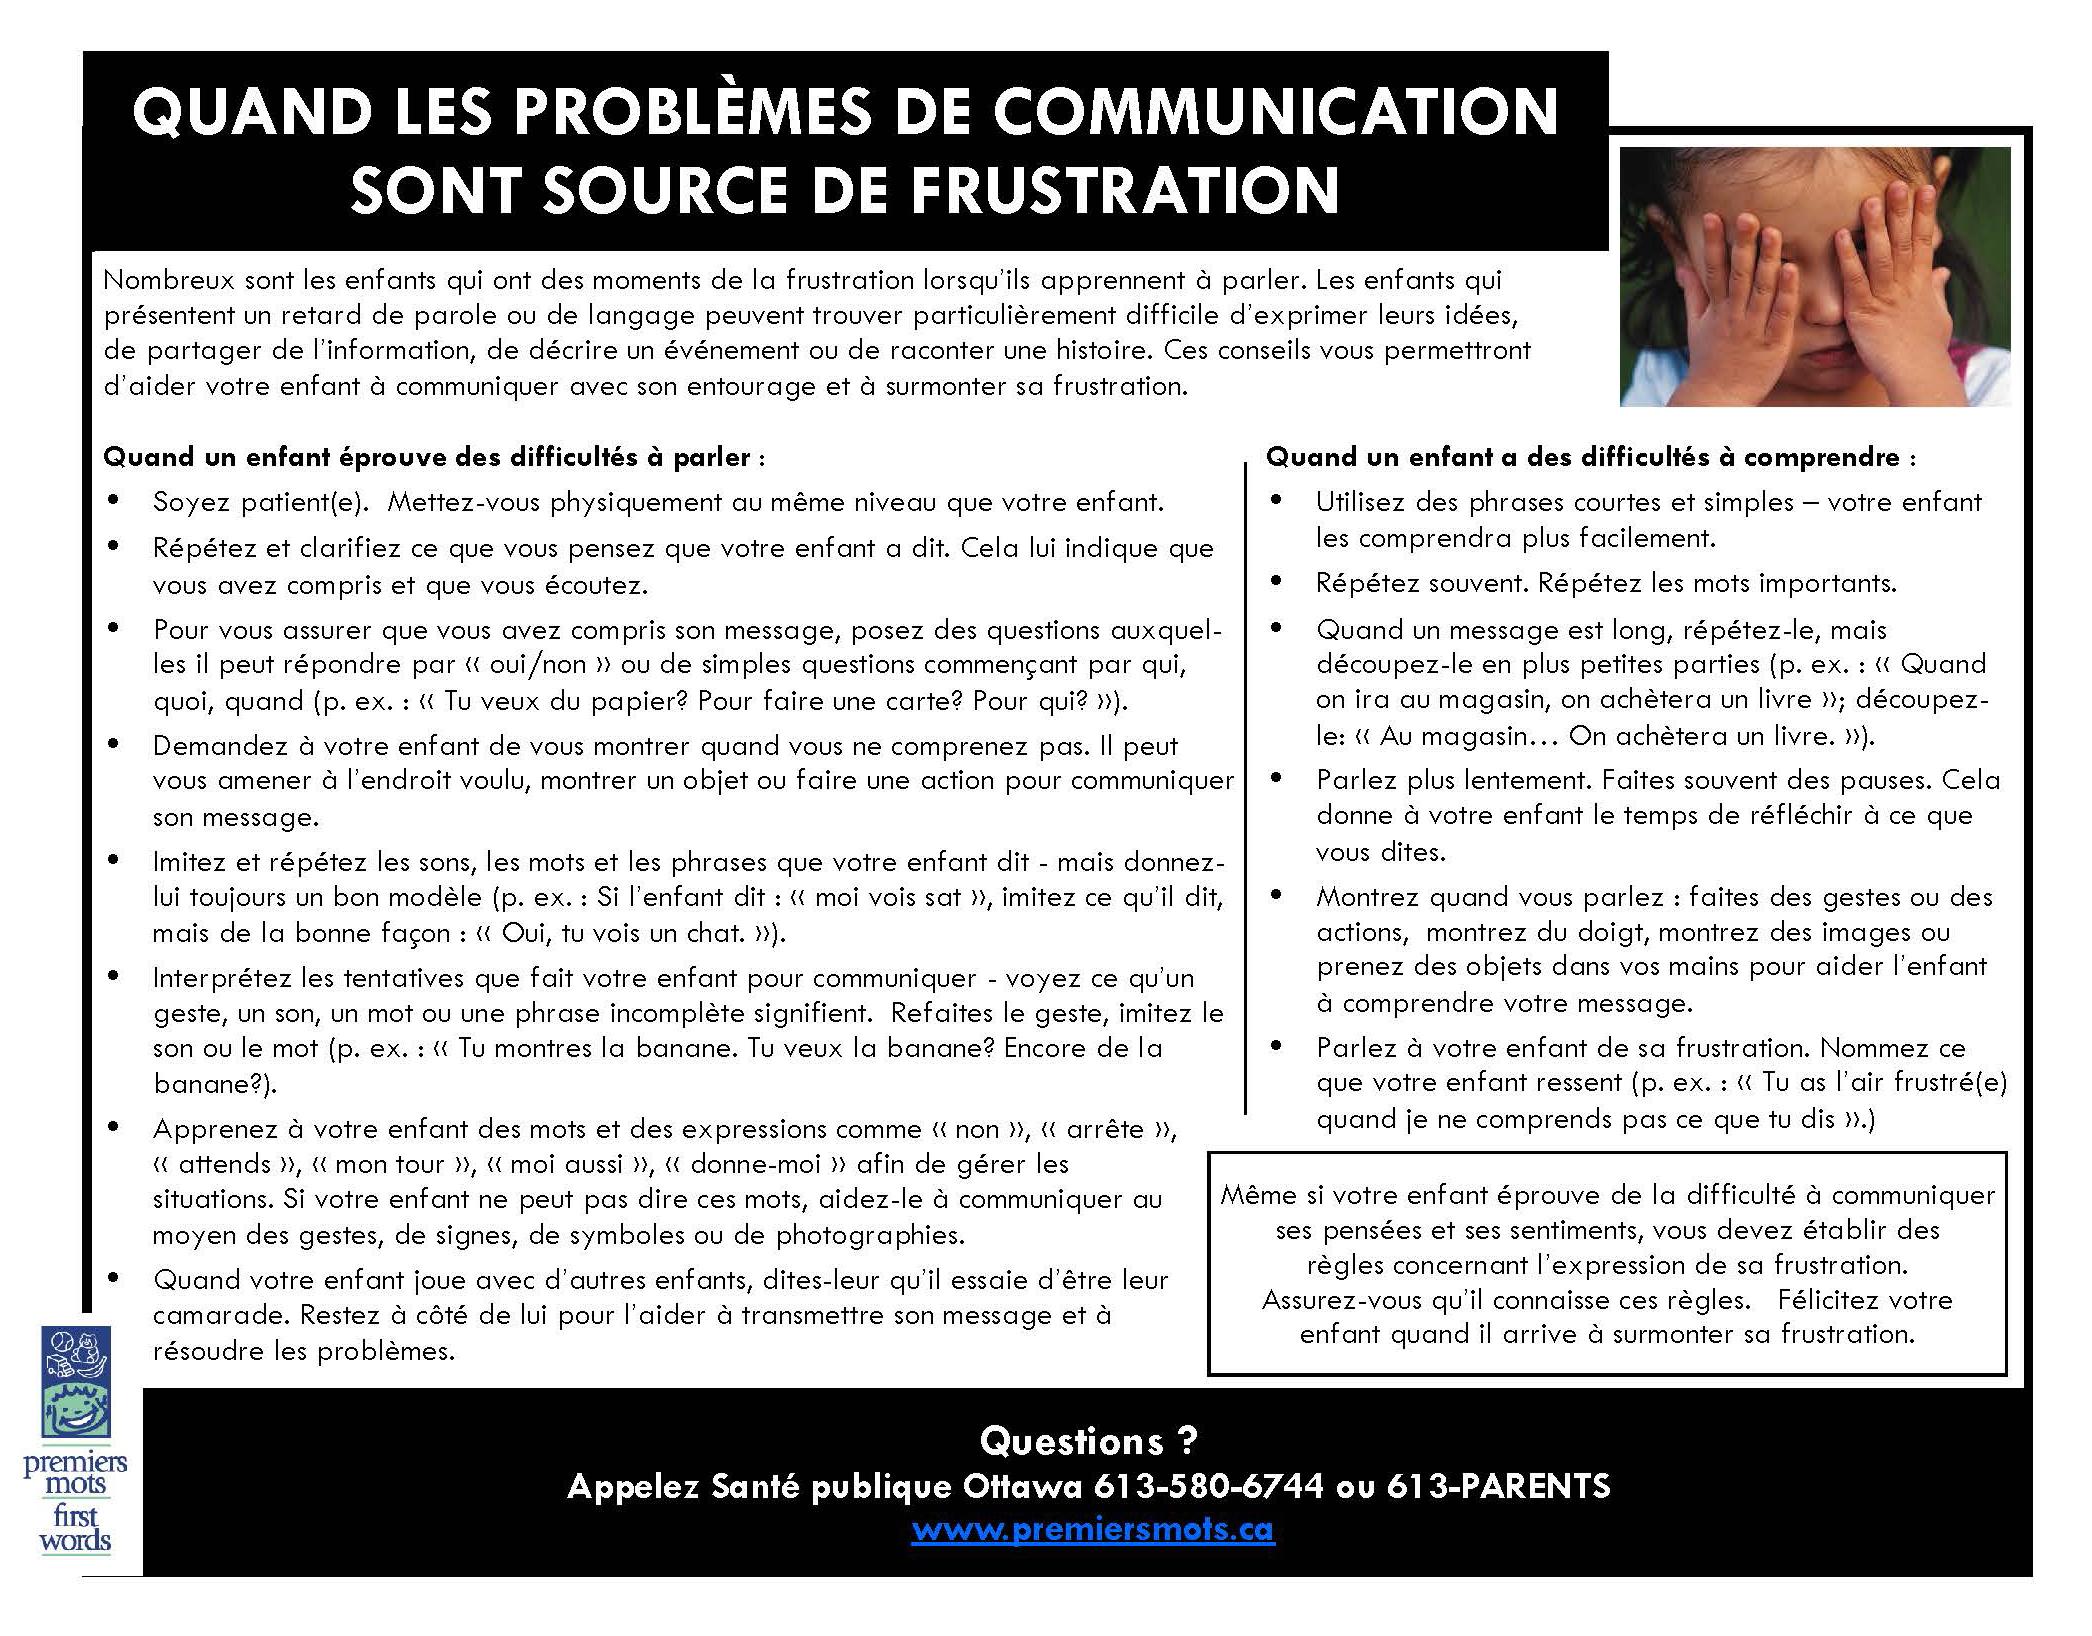 Quand les problemes de communication sont source de frustration.jpg